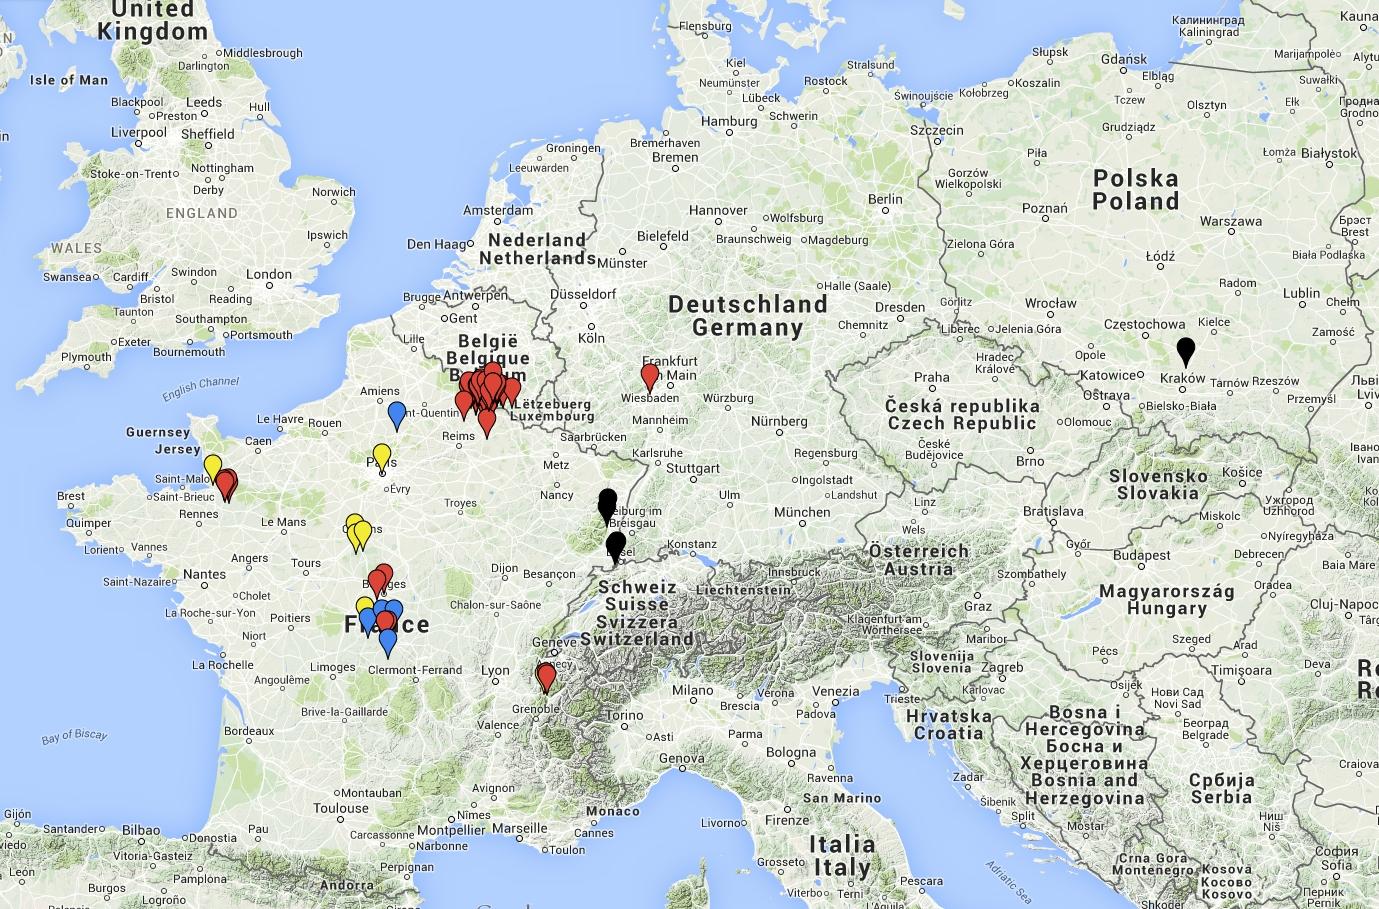 Cartographie d'un français de souche